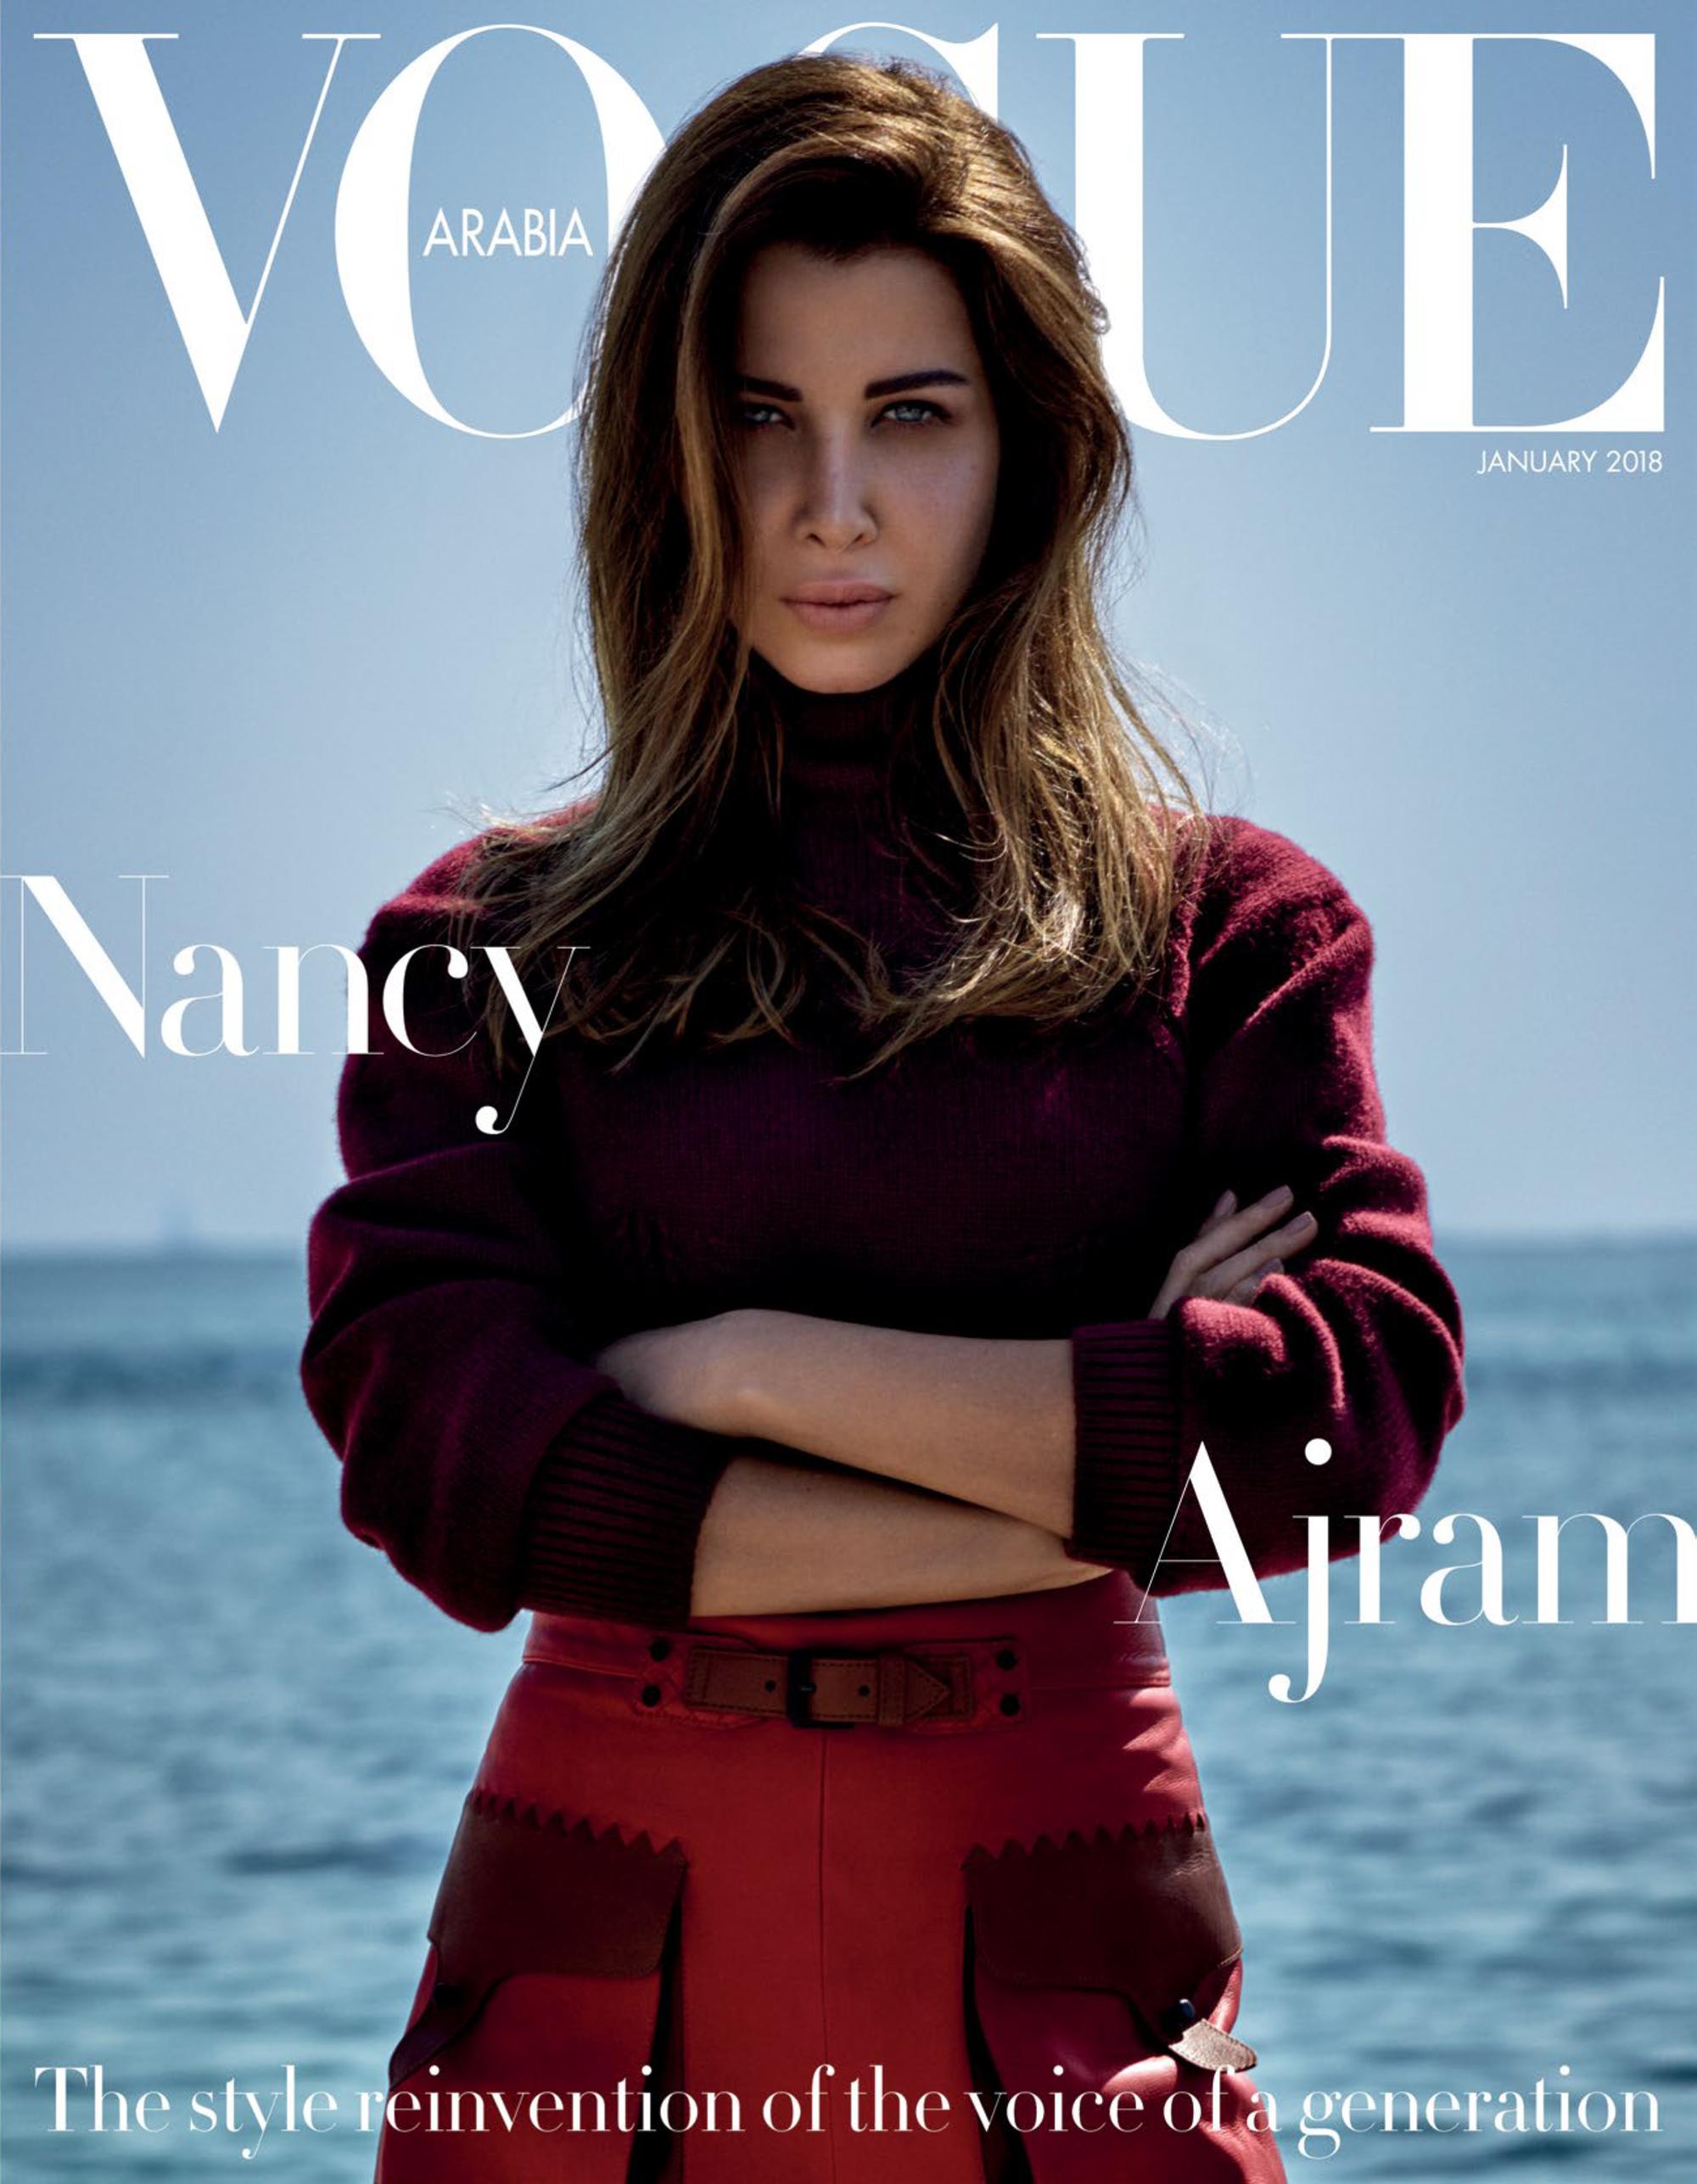 Vogue-Jan-18-1.jpg